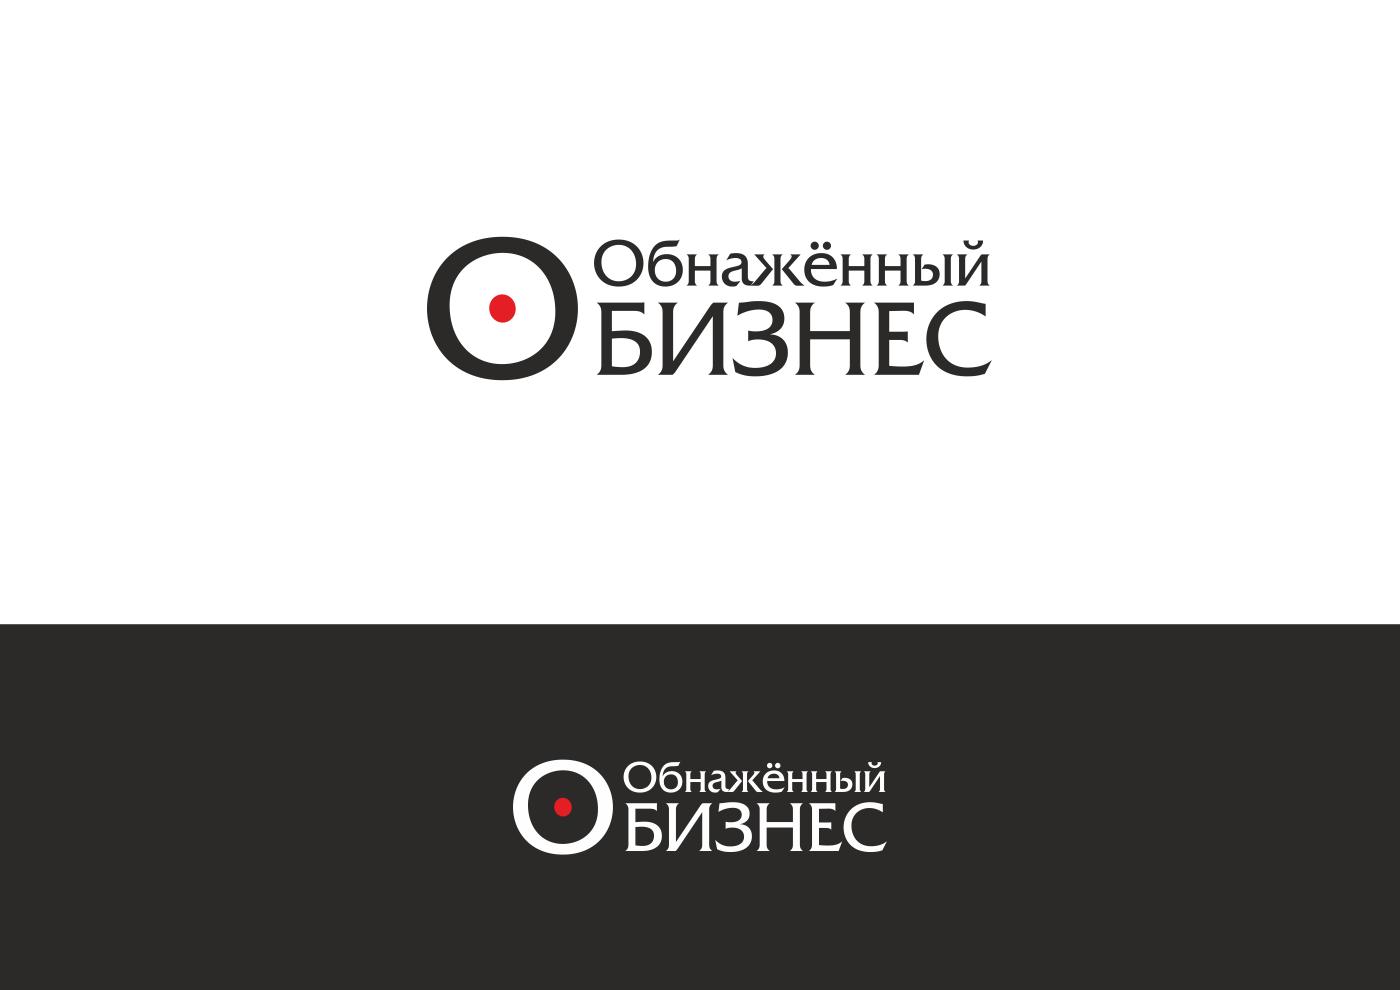 """Логотип для продюсерского центра """"Обнажённый бизнес"""" фото f_6755ba261c39e872.png"""